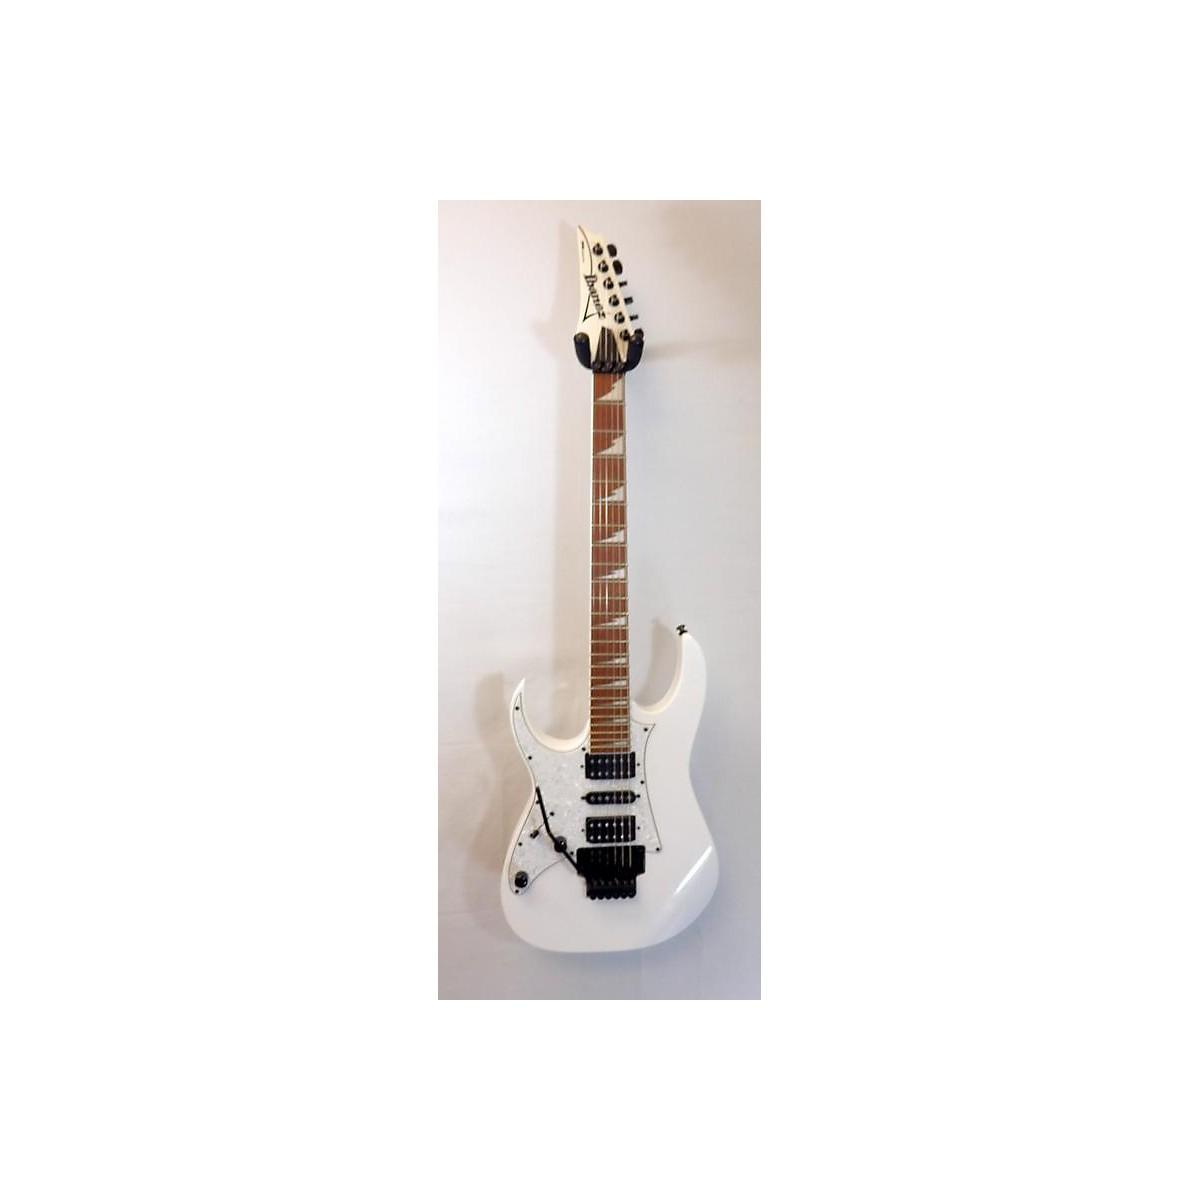 Ibanez RG1570 RG Series Left Handed Electric Guitar